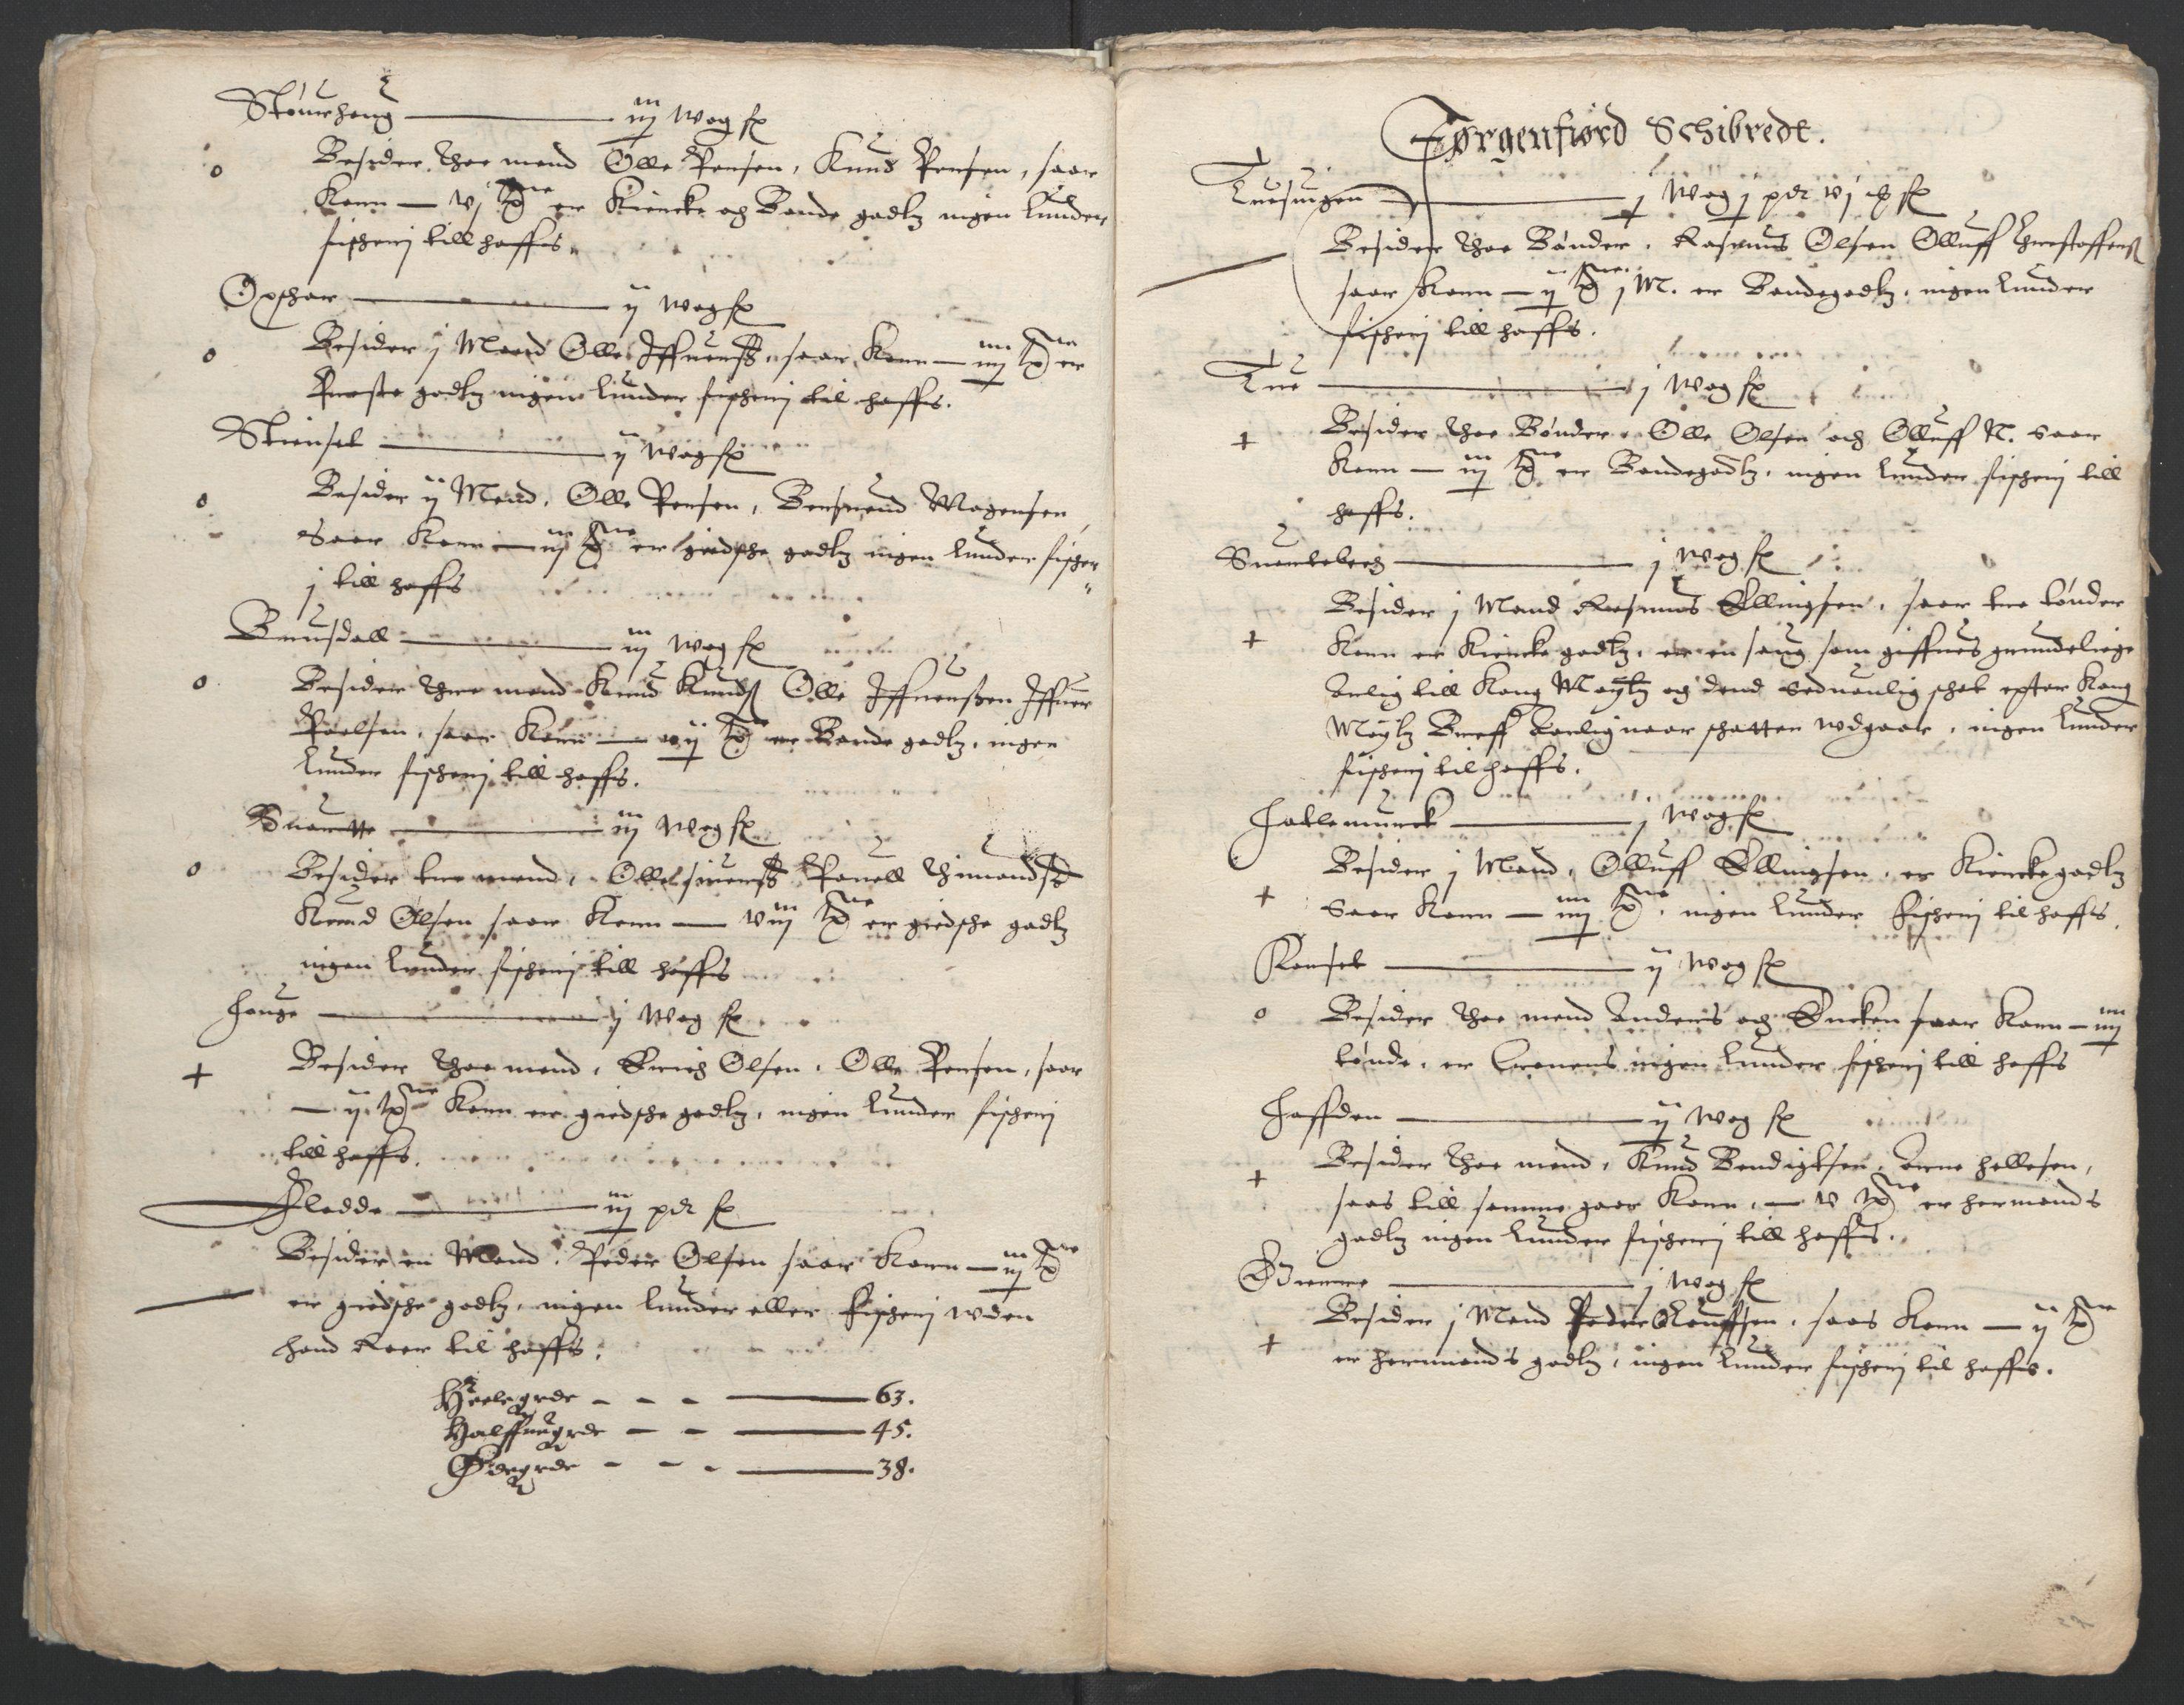 RA, Stattholderembetet 1572-1771, Ek/L0005: Jordebøker til utlikning av garnisonsskatt 1624-1626:, 1626, s. 168